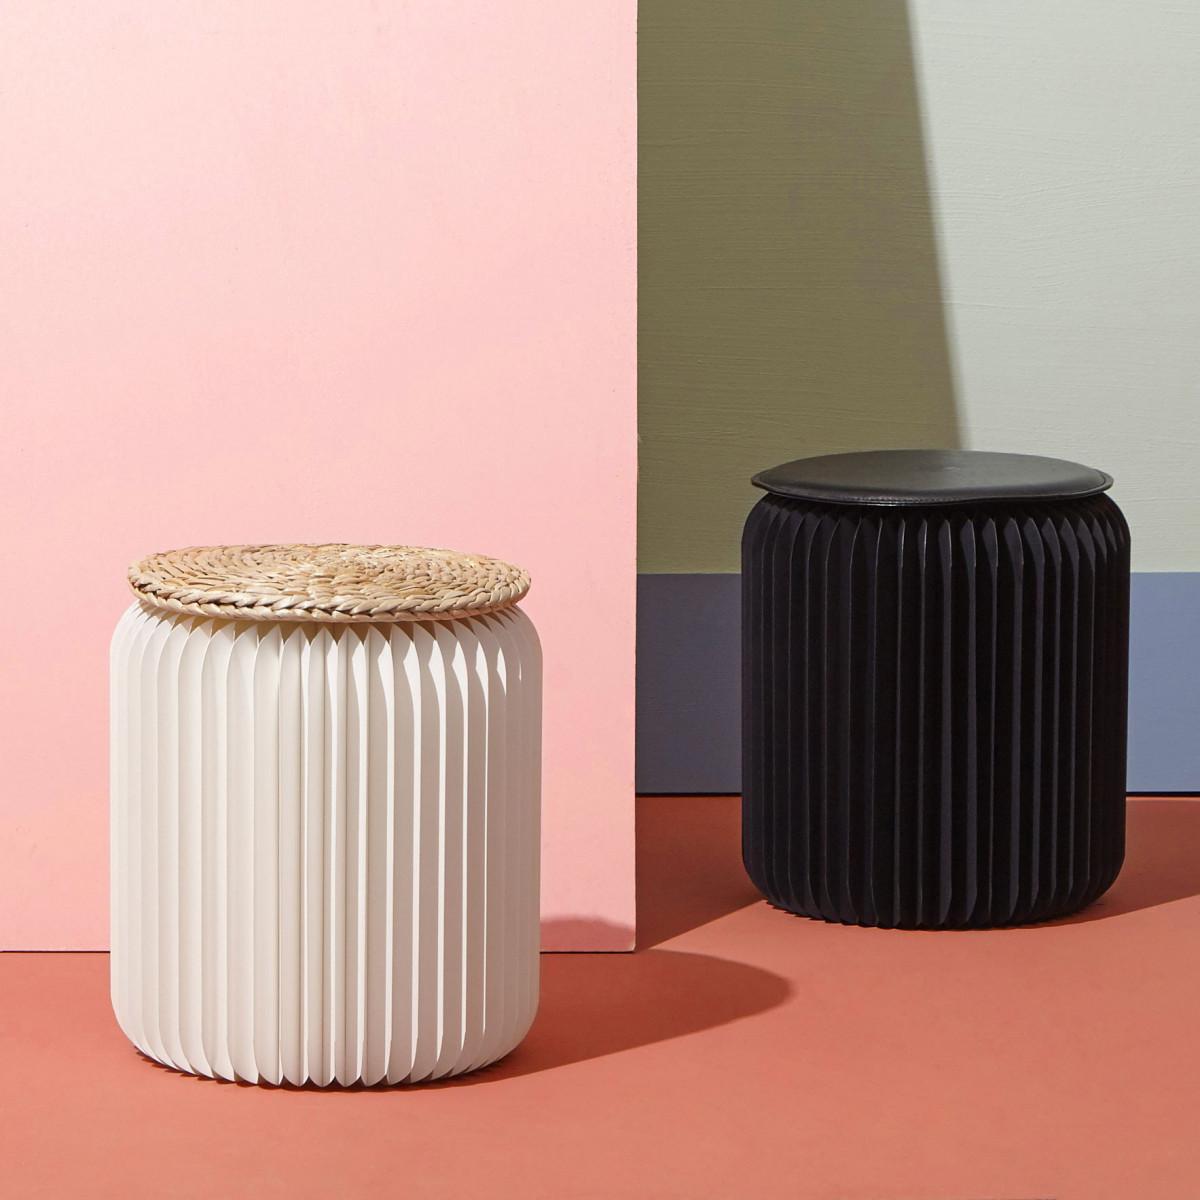 bilbo cuivre suspension avec 7 boules suspendues achat vente suspensions plafonniers. Black Bedroom Furniture Sets. Home Design Ideas